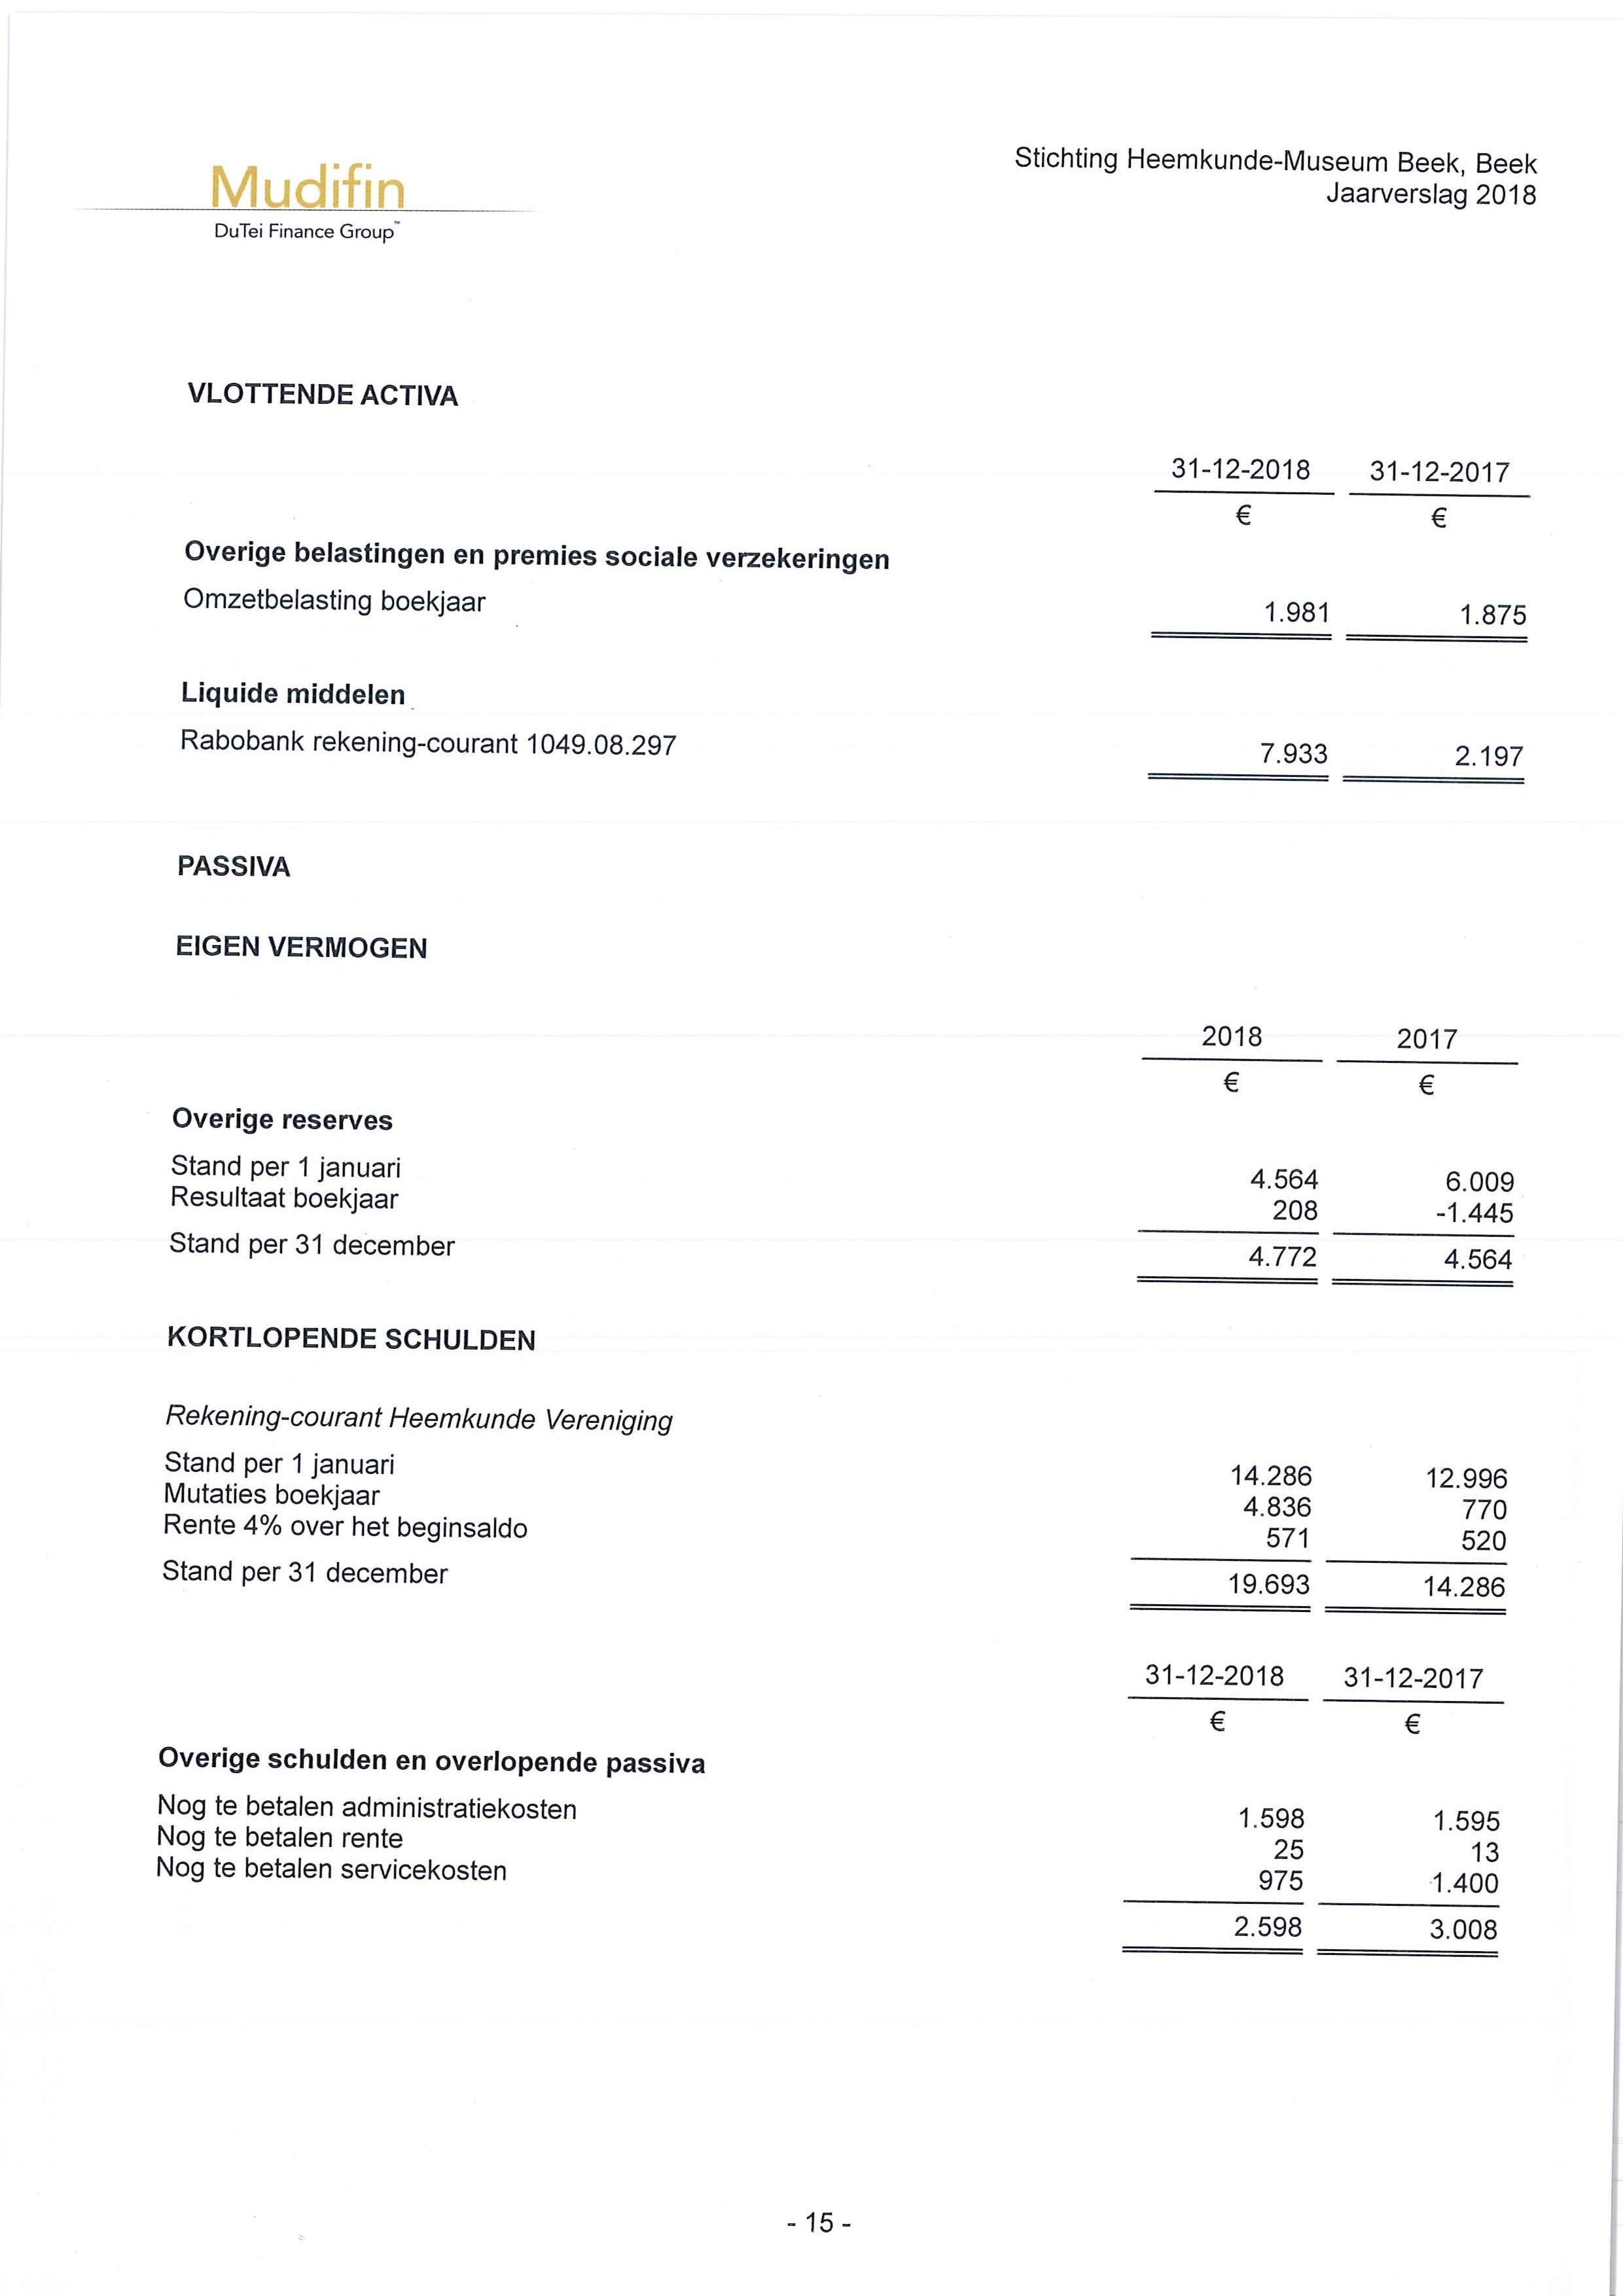 Jaarrekening-2018.page15.jpg - 354,46 kB